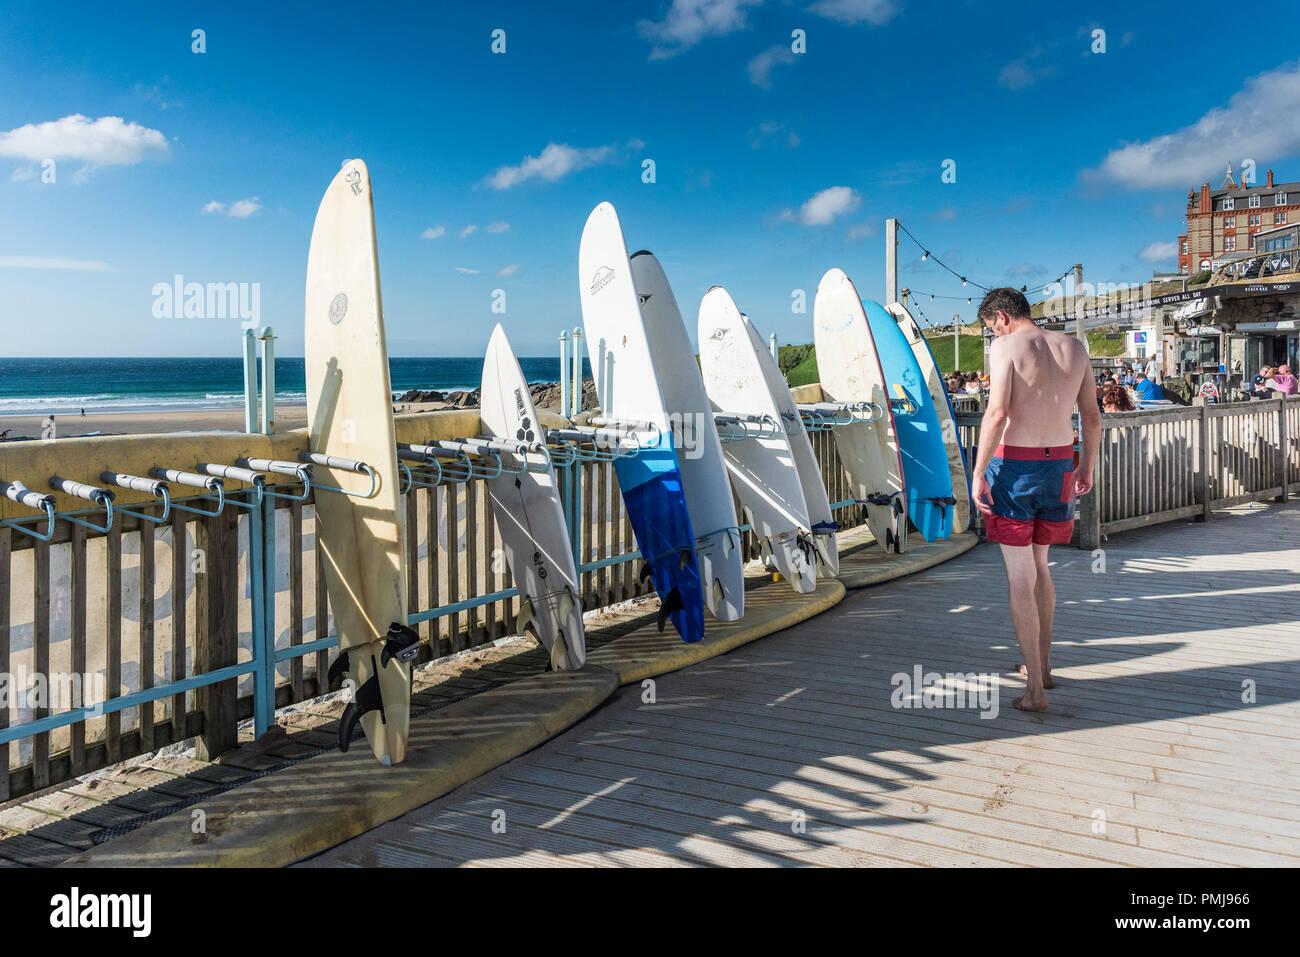 Tavole da surf disponibili per il noleggio al Fistral Beach in Newquay in Cornovaglia. Immagini Stock